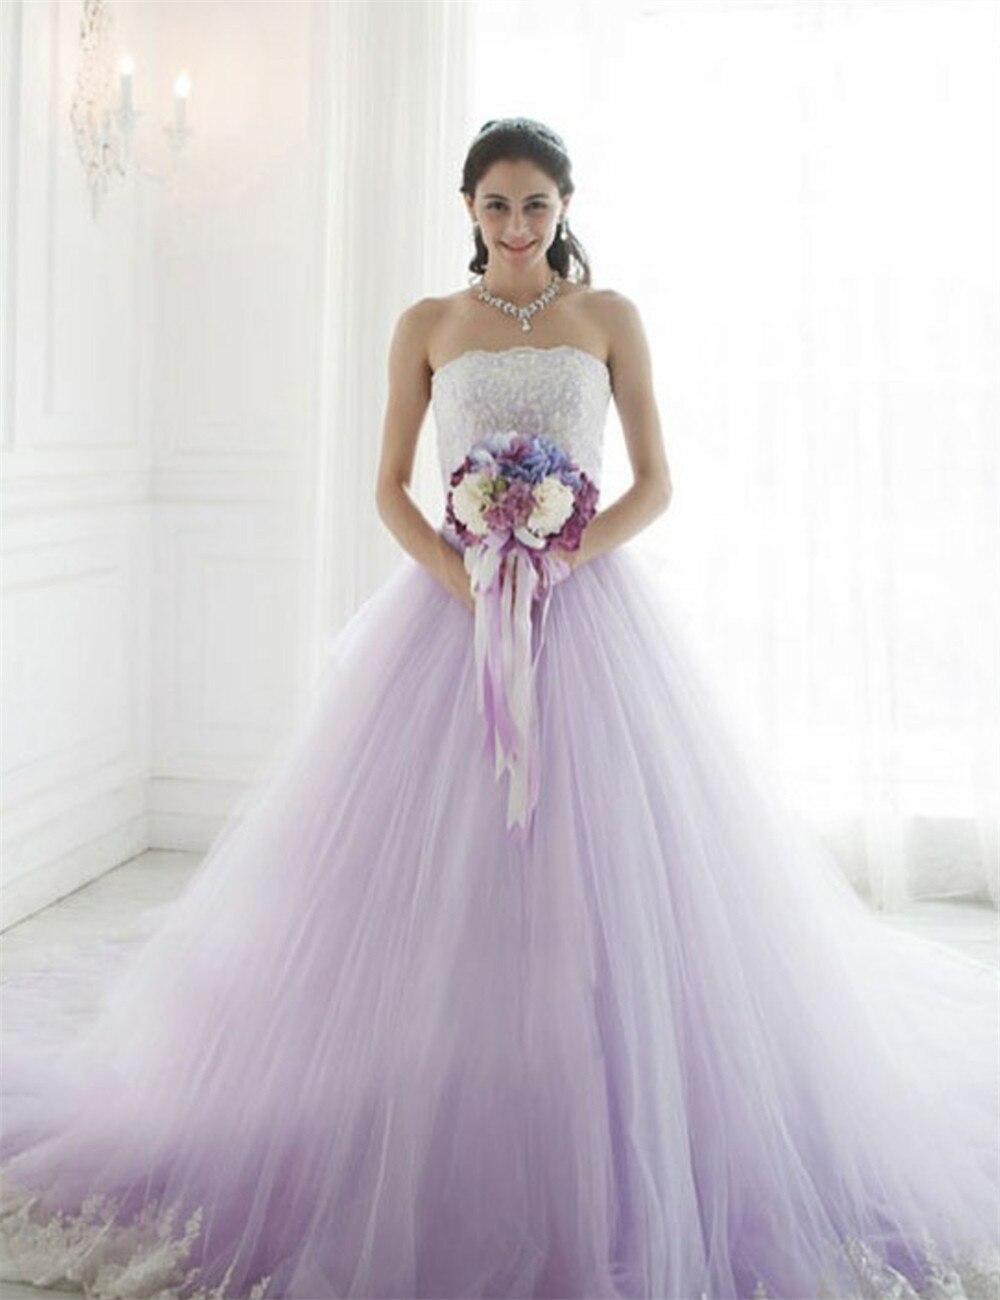 Purple lace wedding dresses dress images purple lace wedding dresses junglespirit Image collections